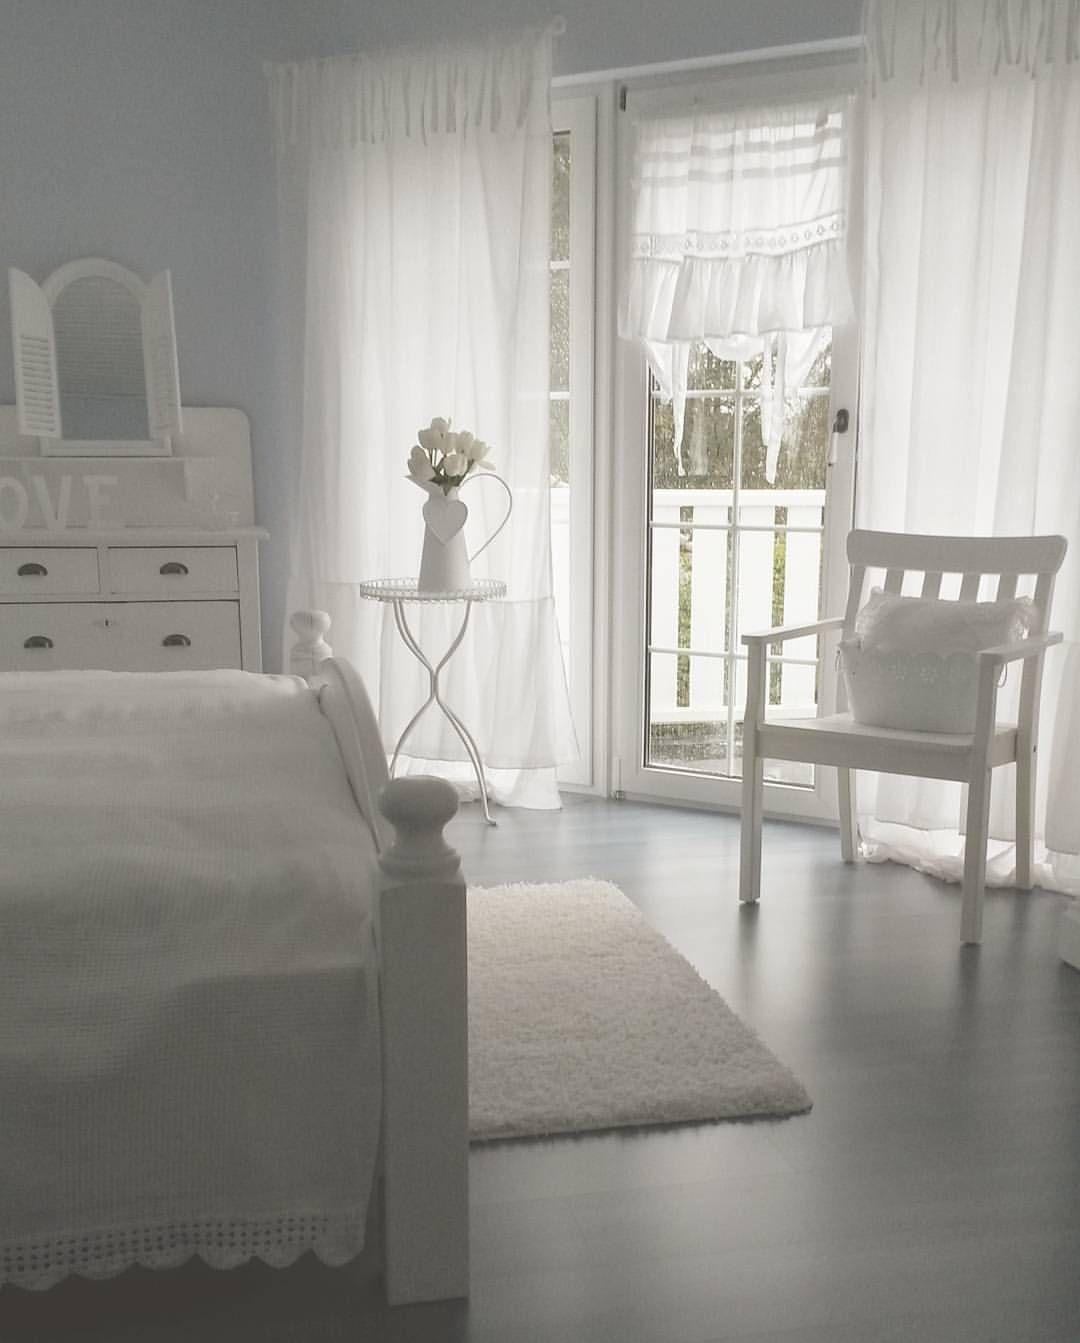 Heute Ist Aprilwetter ⛅☔☁☔☁#whiteliving #myhome #whiteblue #schlafzimmer